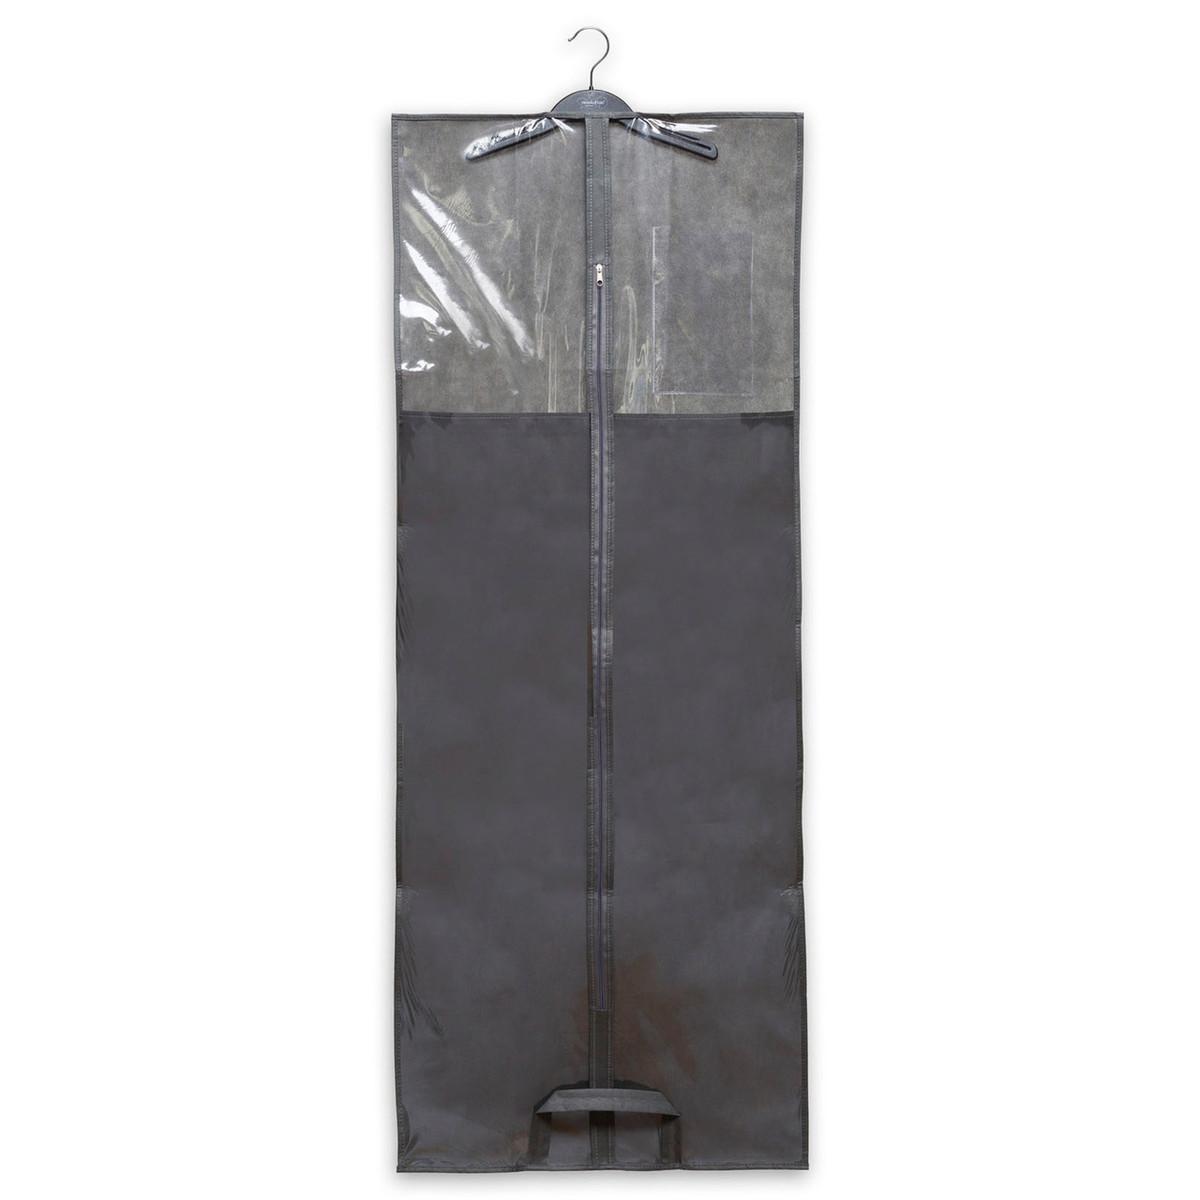 CLASSIC ADULT GARMENT BAG 10 PACK